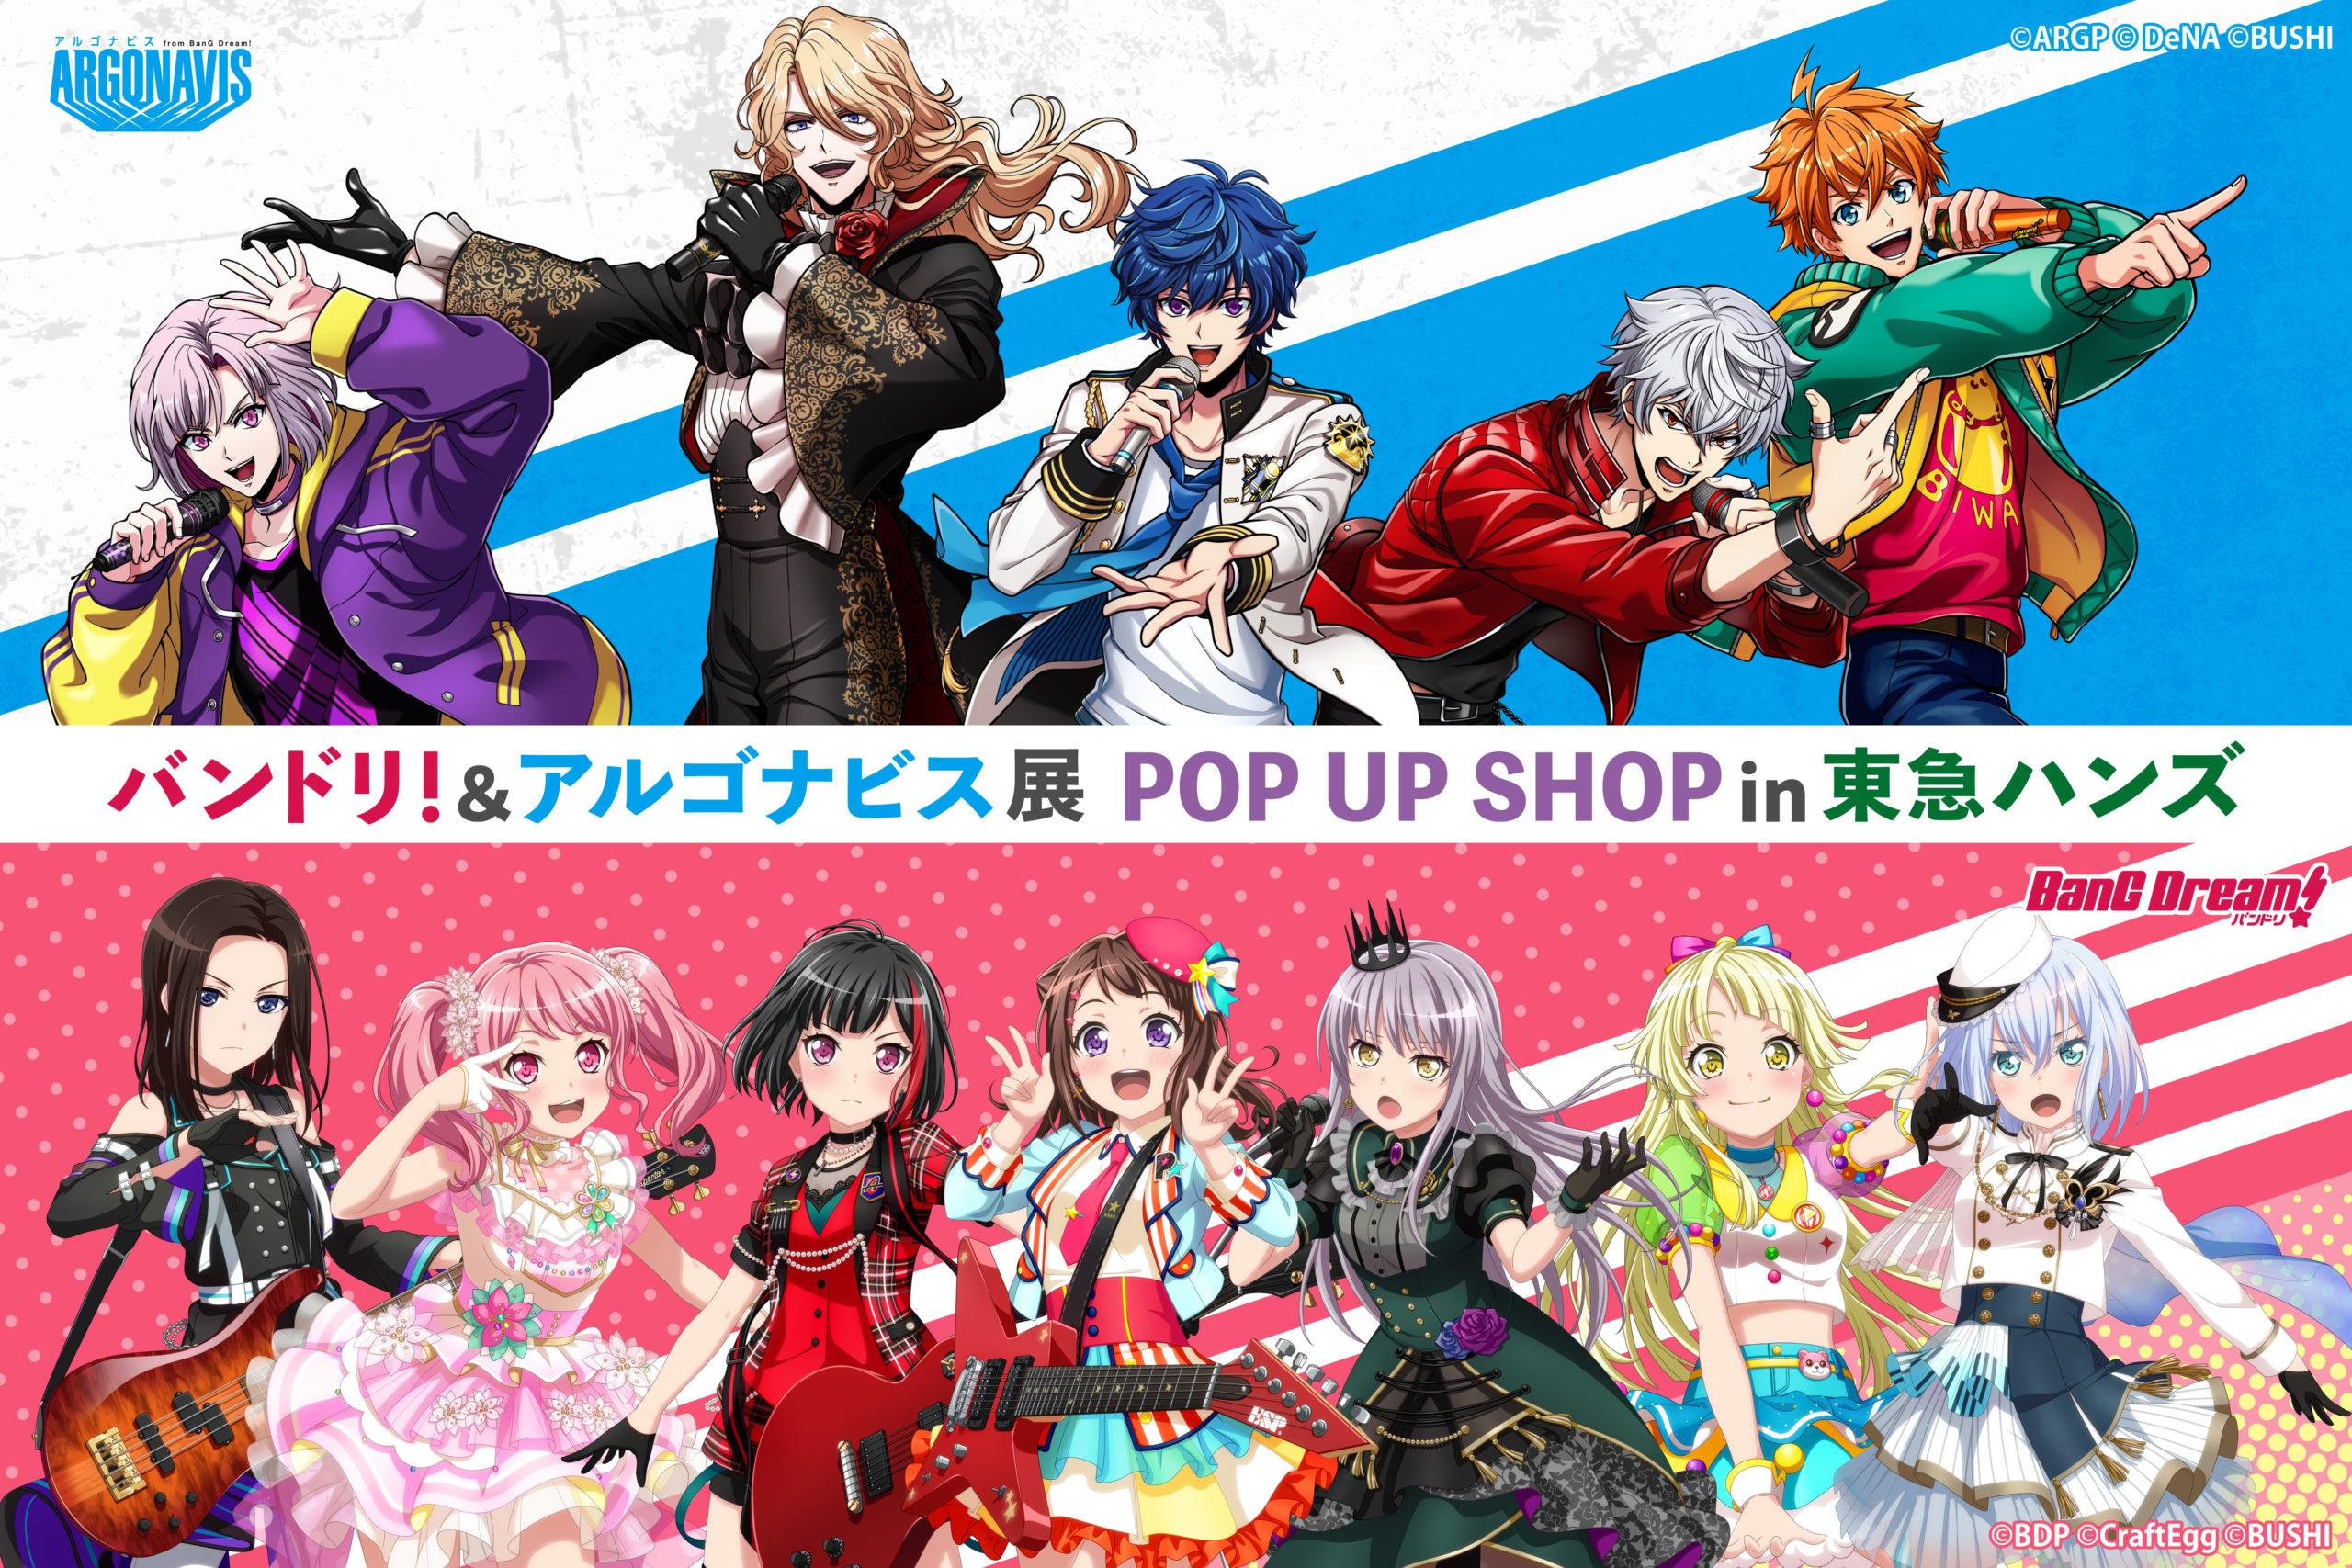 【バンドリ!&アルゴナビス展POP UP SHOP in 東急ハンズ名古屋店】